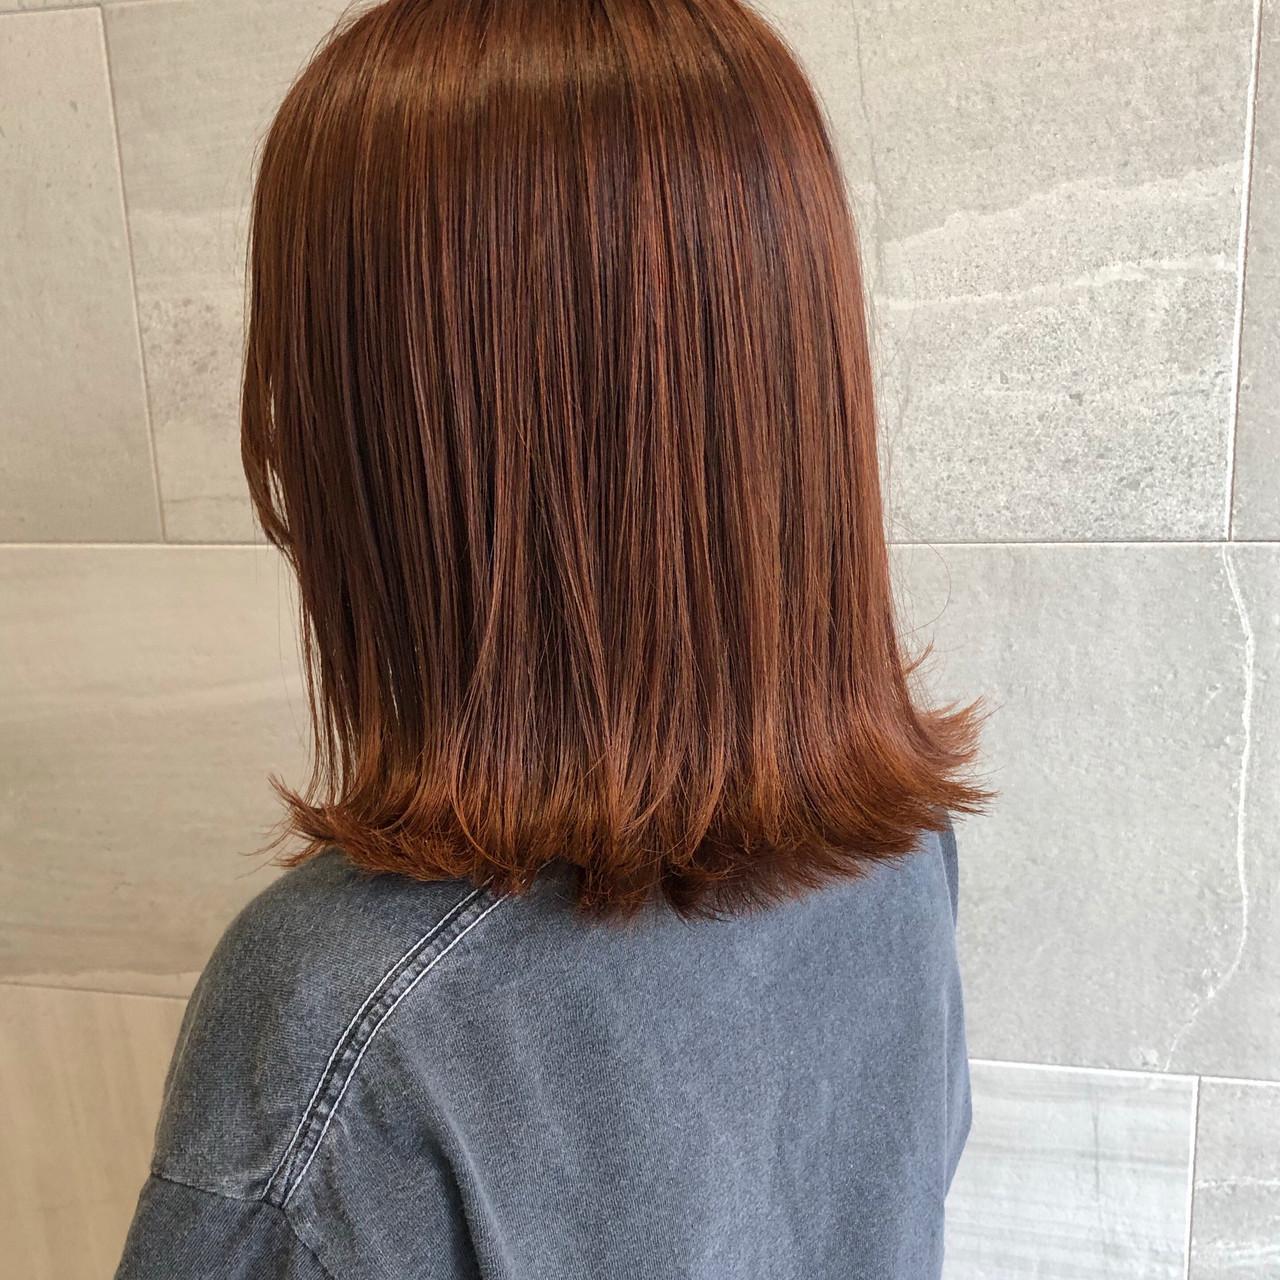 ロブ ナチュラル ミディアム アプリコットオレンジ ヘアスタイルや髪型の写真・画像